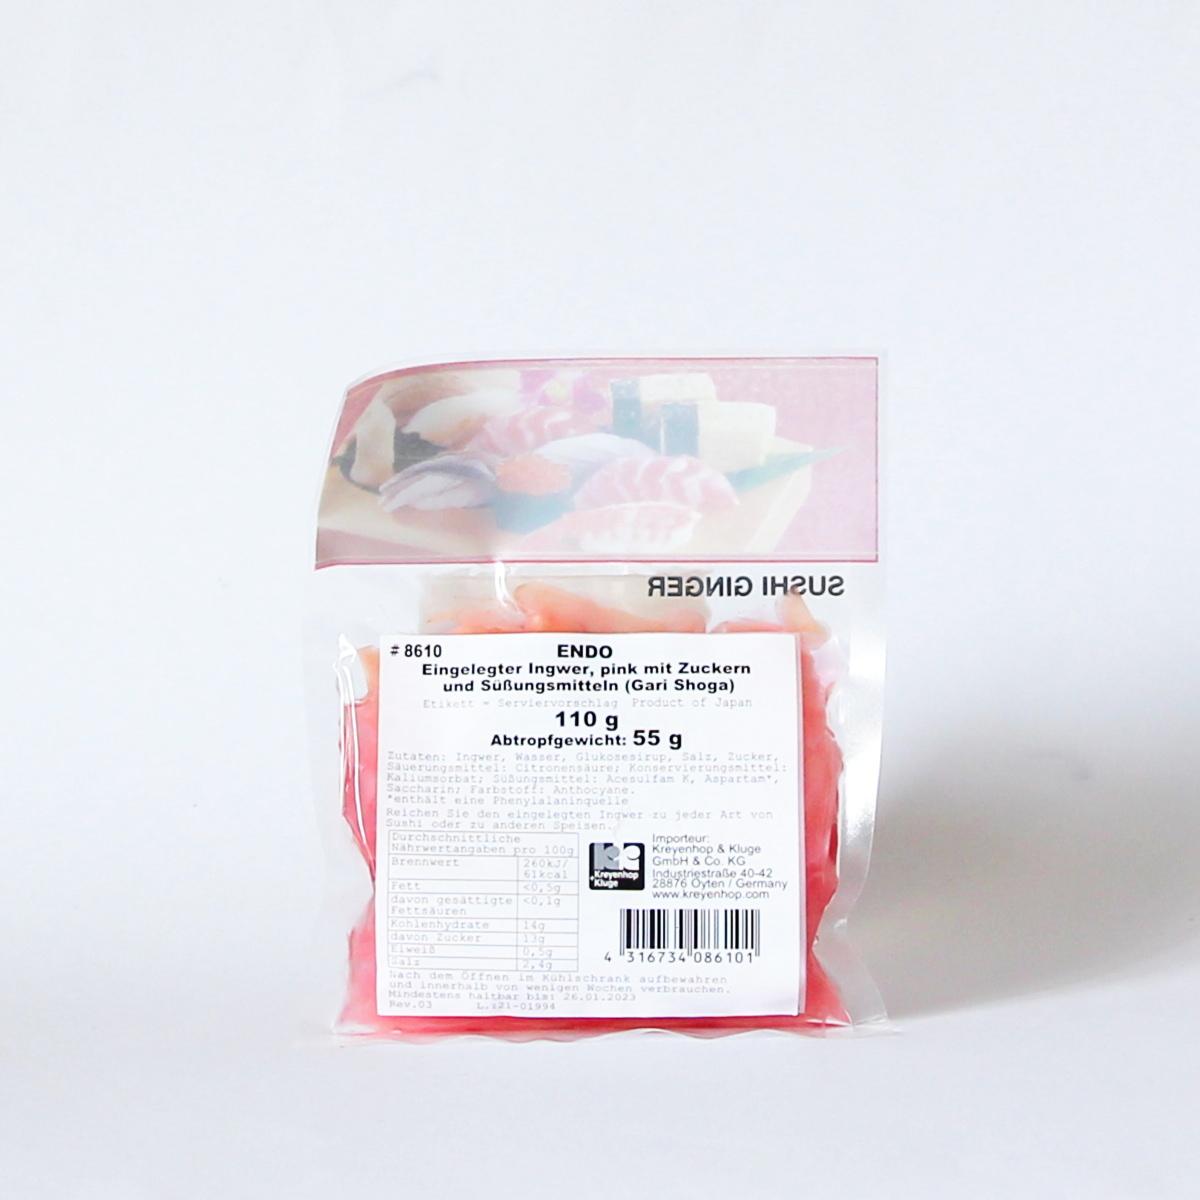 Sushi Ingwer 110g (eingelegter pinker Ingwer), ENDO